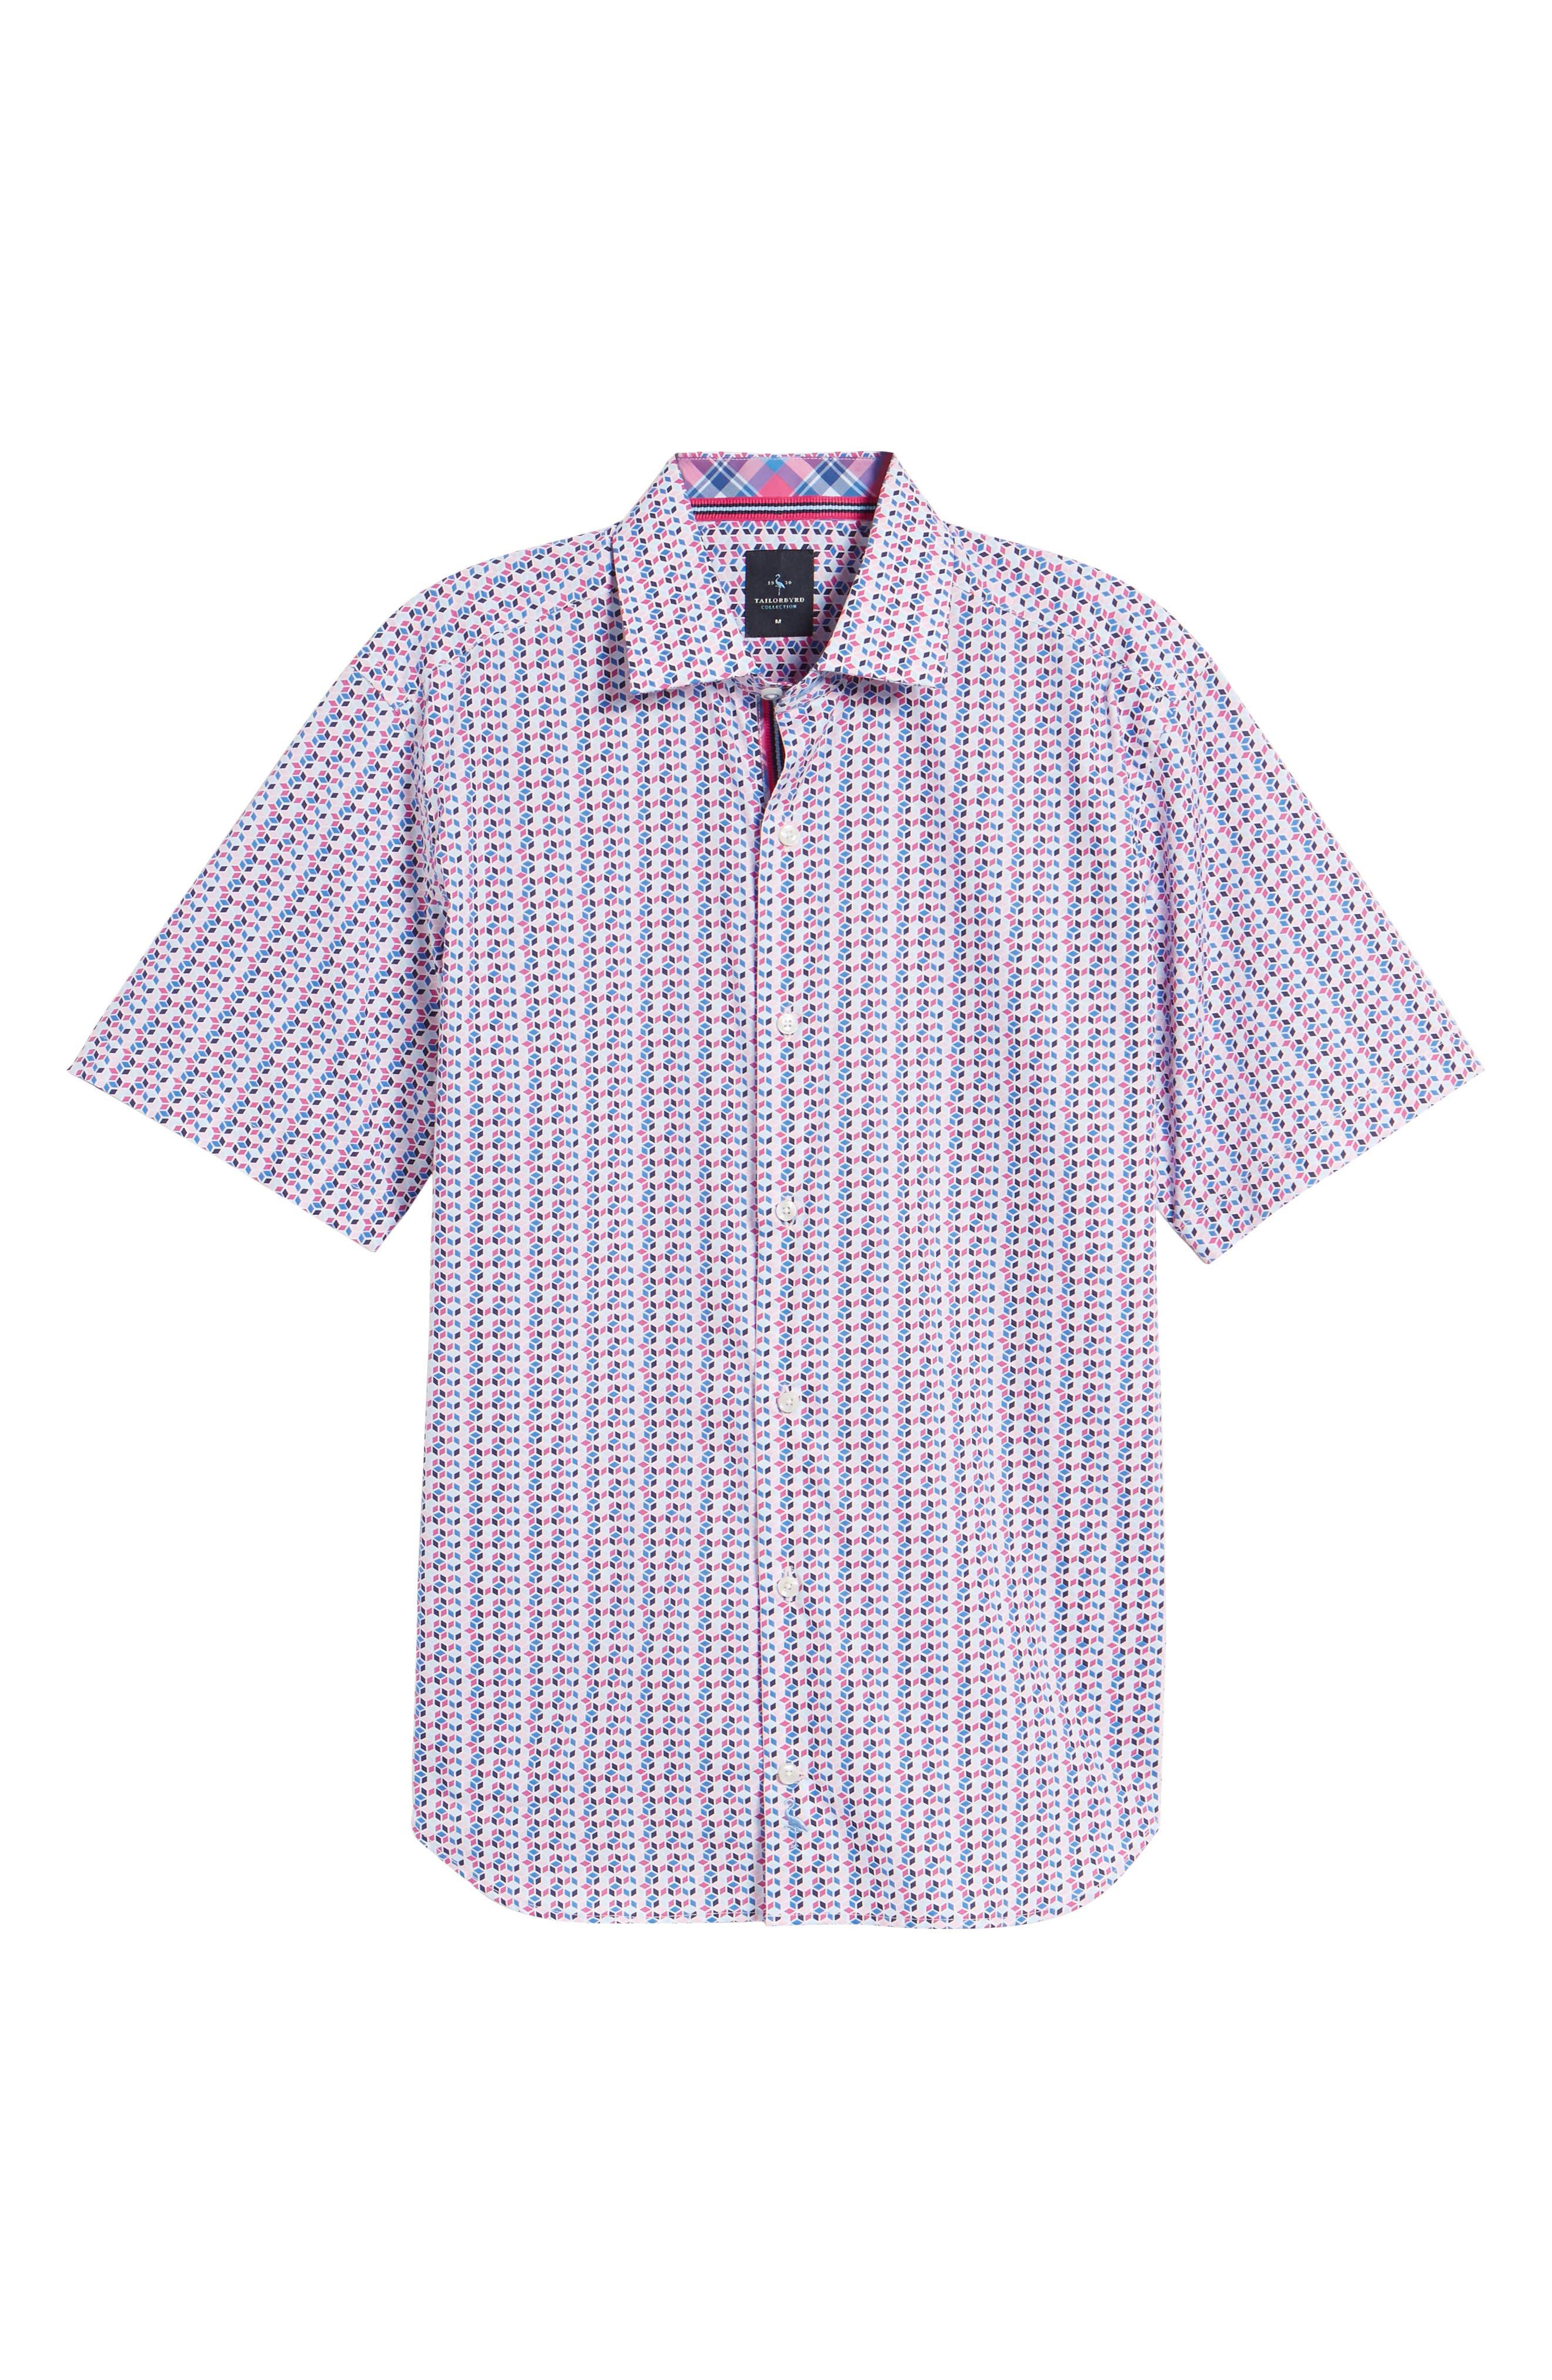 Slater Regular Fit Print Sport Shirt,                             Alternate thumbnail 6, color,                             650